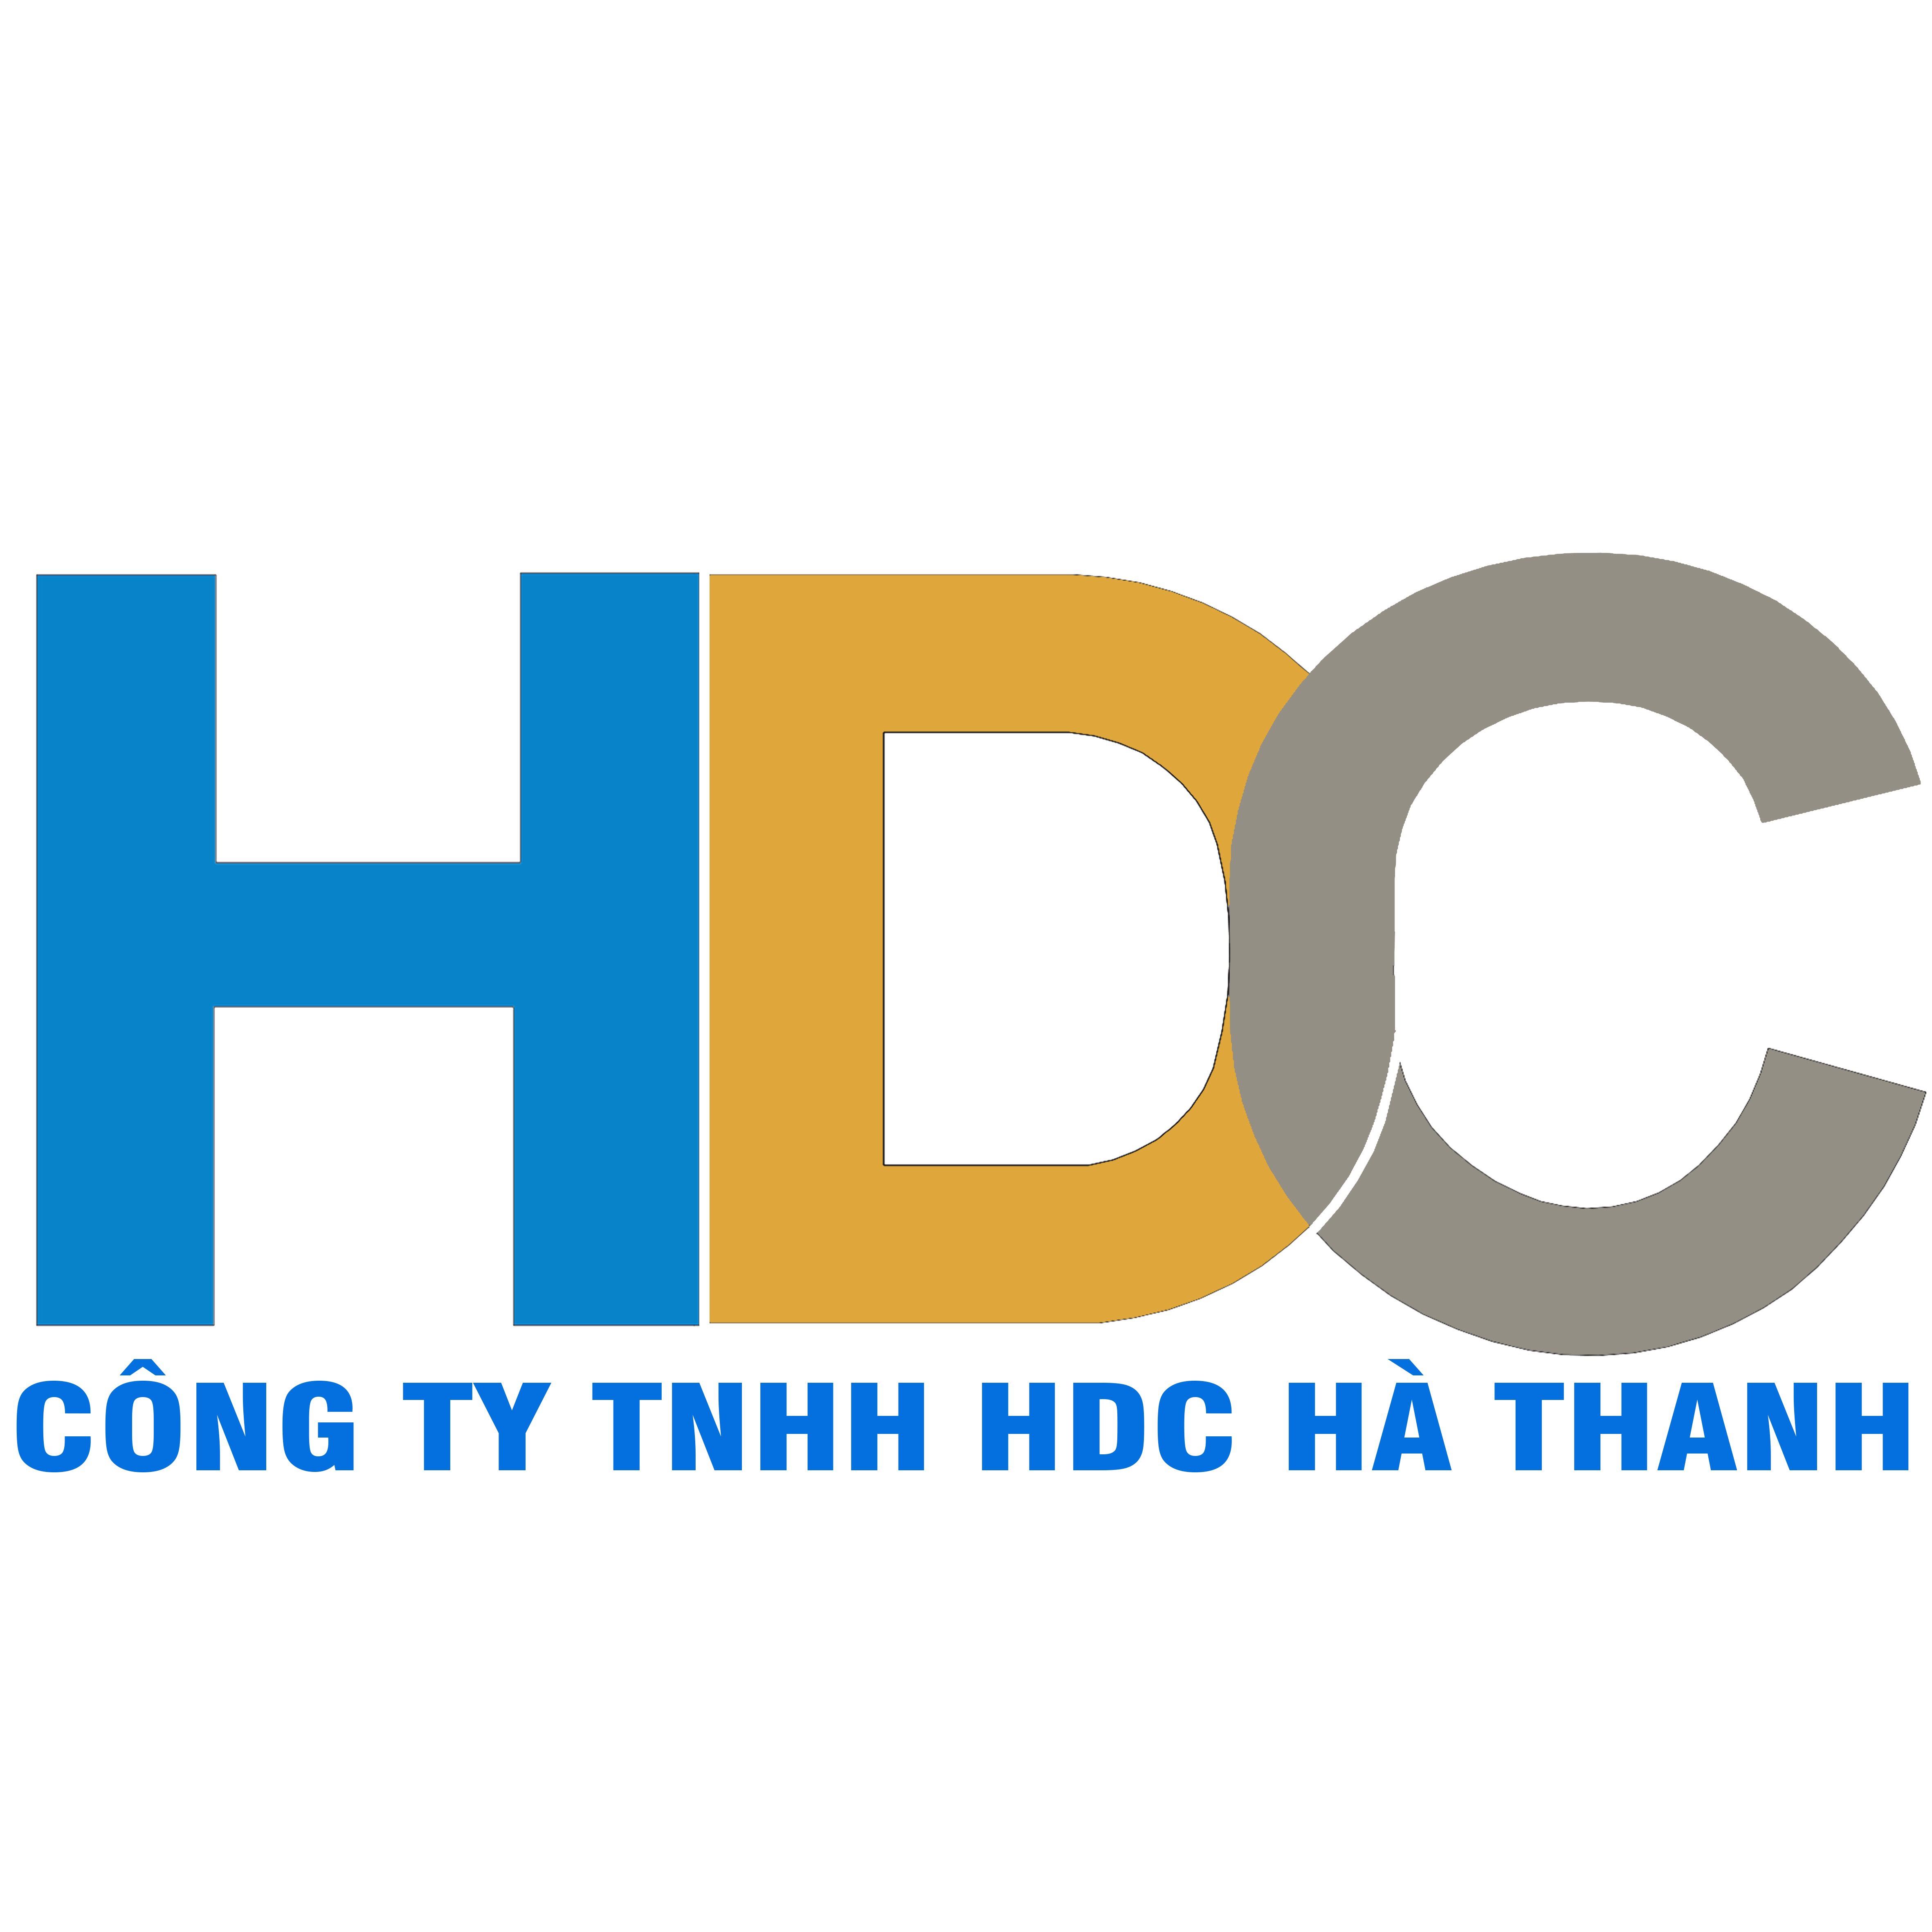 Công ty TNHH HDC Hà Thanh